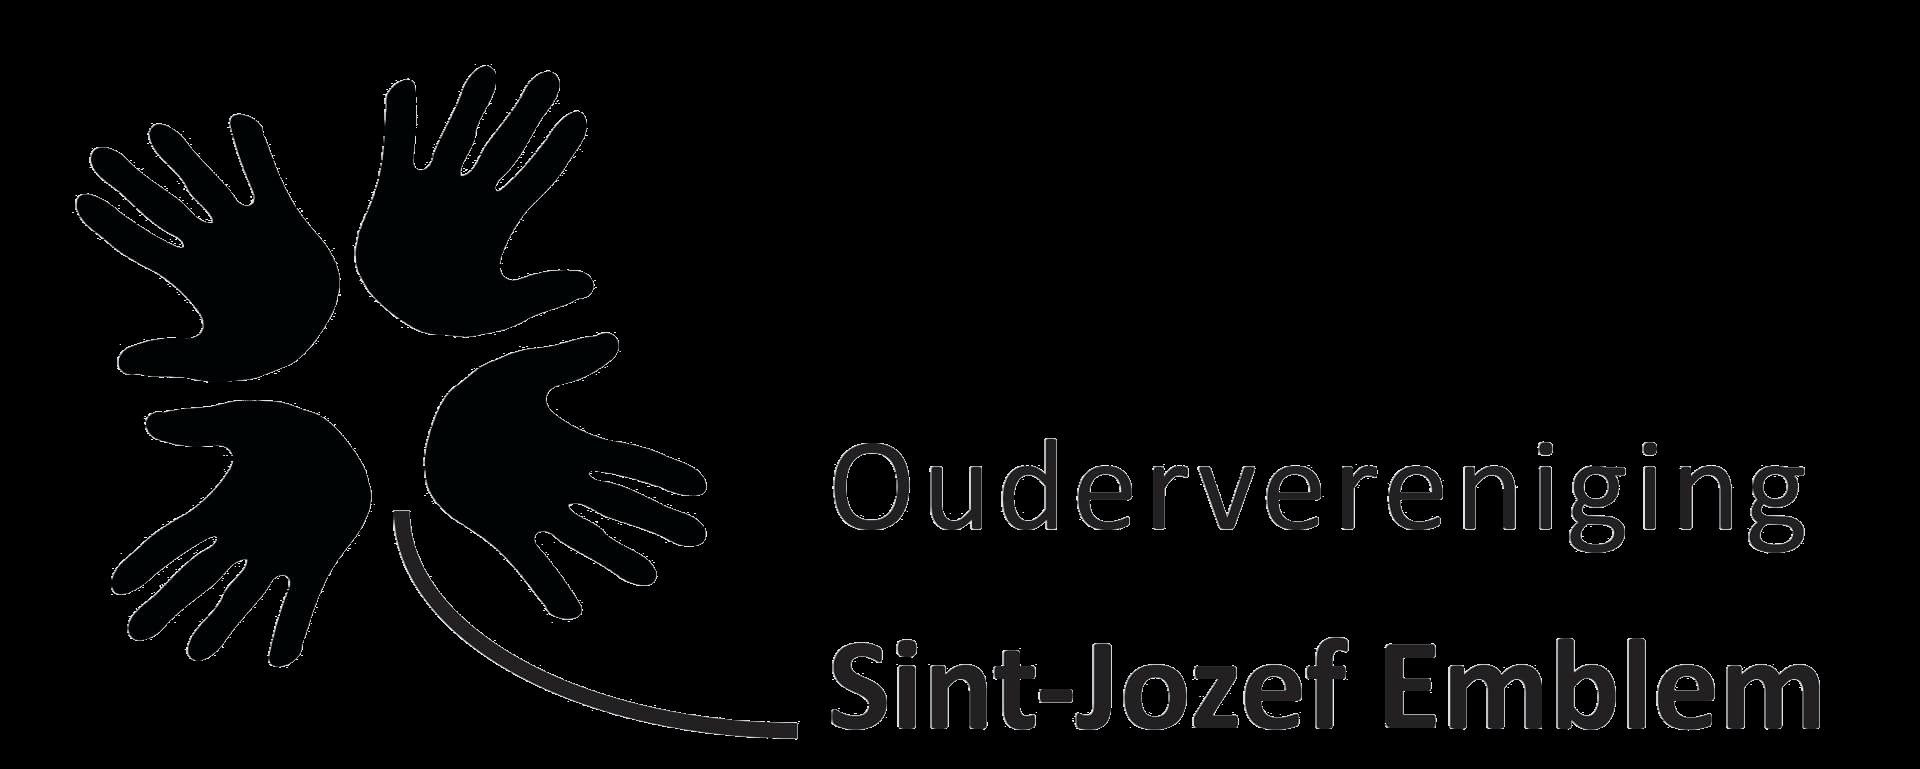 Webwinkel oudervereniging Sint-Jozefschool